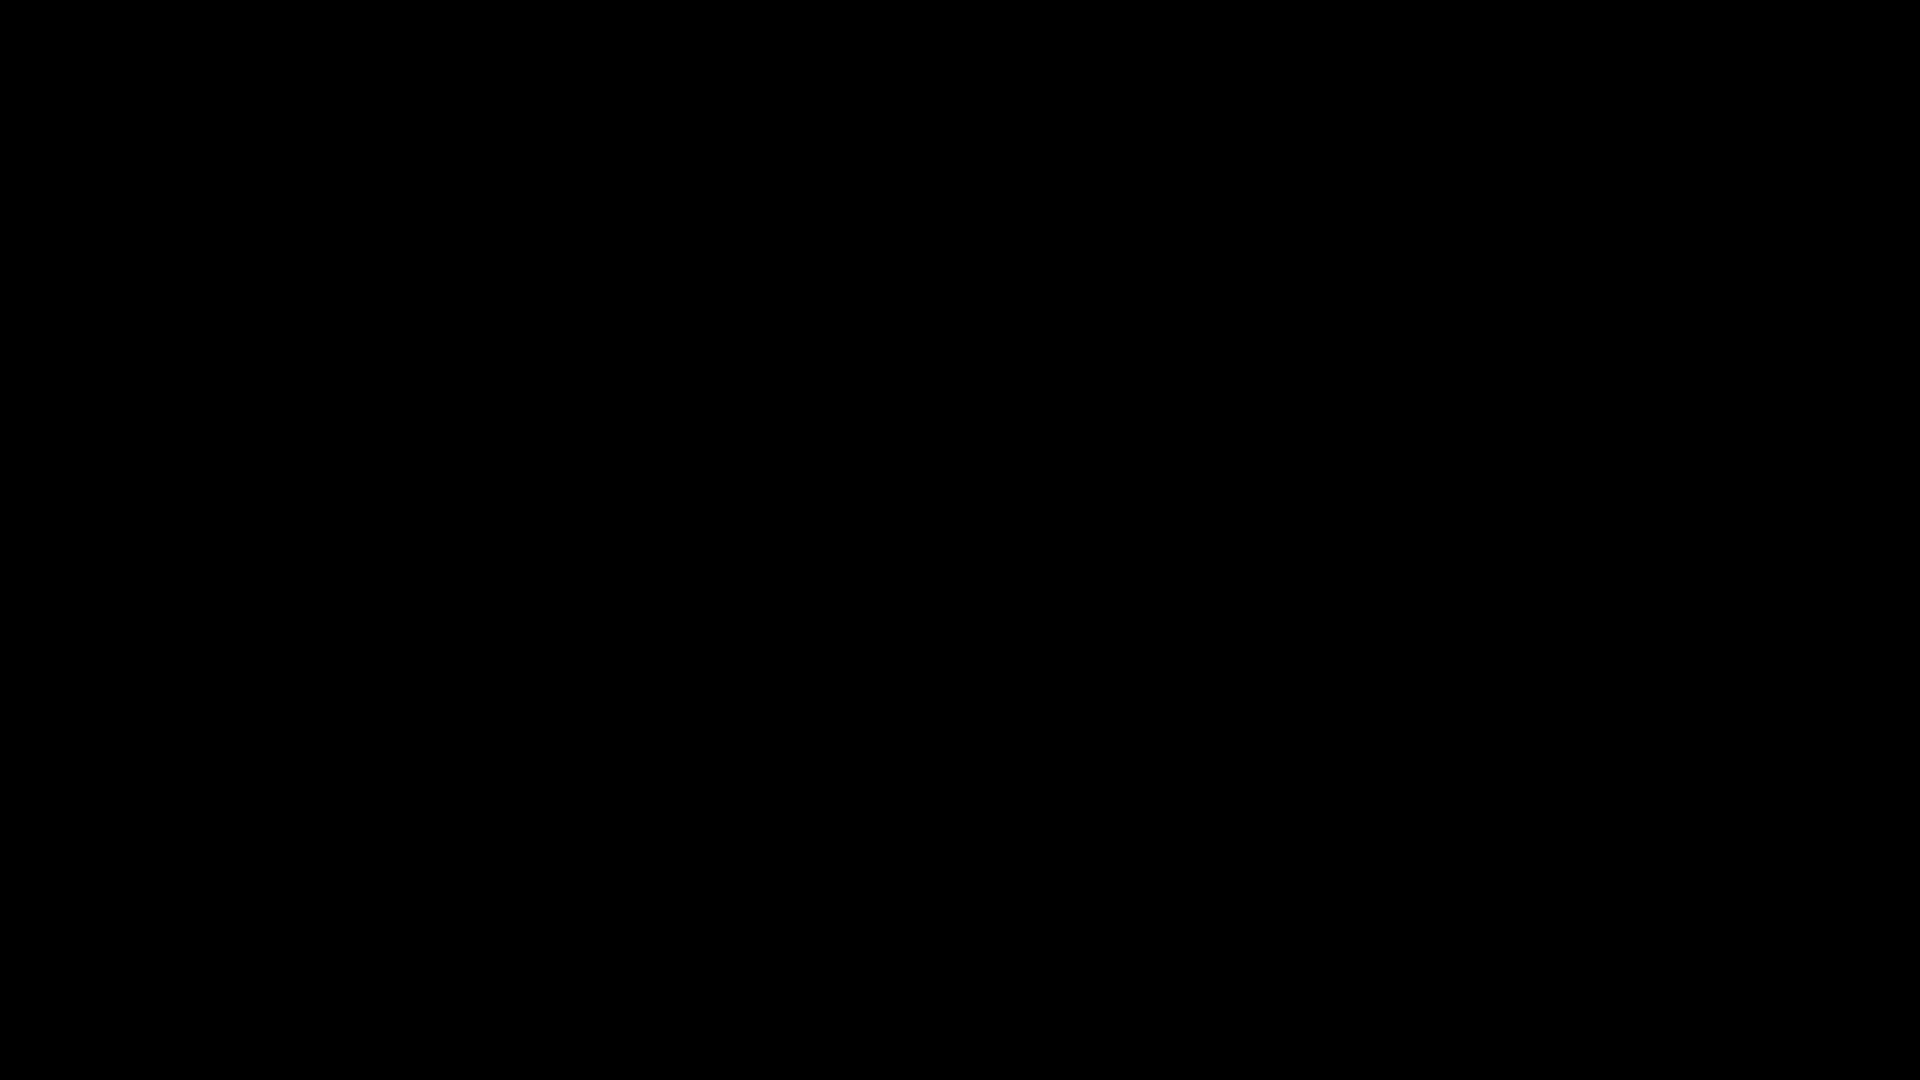 好色インストラクターのセックス指南~更衣室で生ハメプレイ~ - 結衣のぞみ【ロッカー 奉仕 特別コース 着替え フェラ ローター】